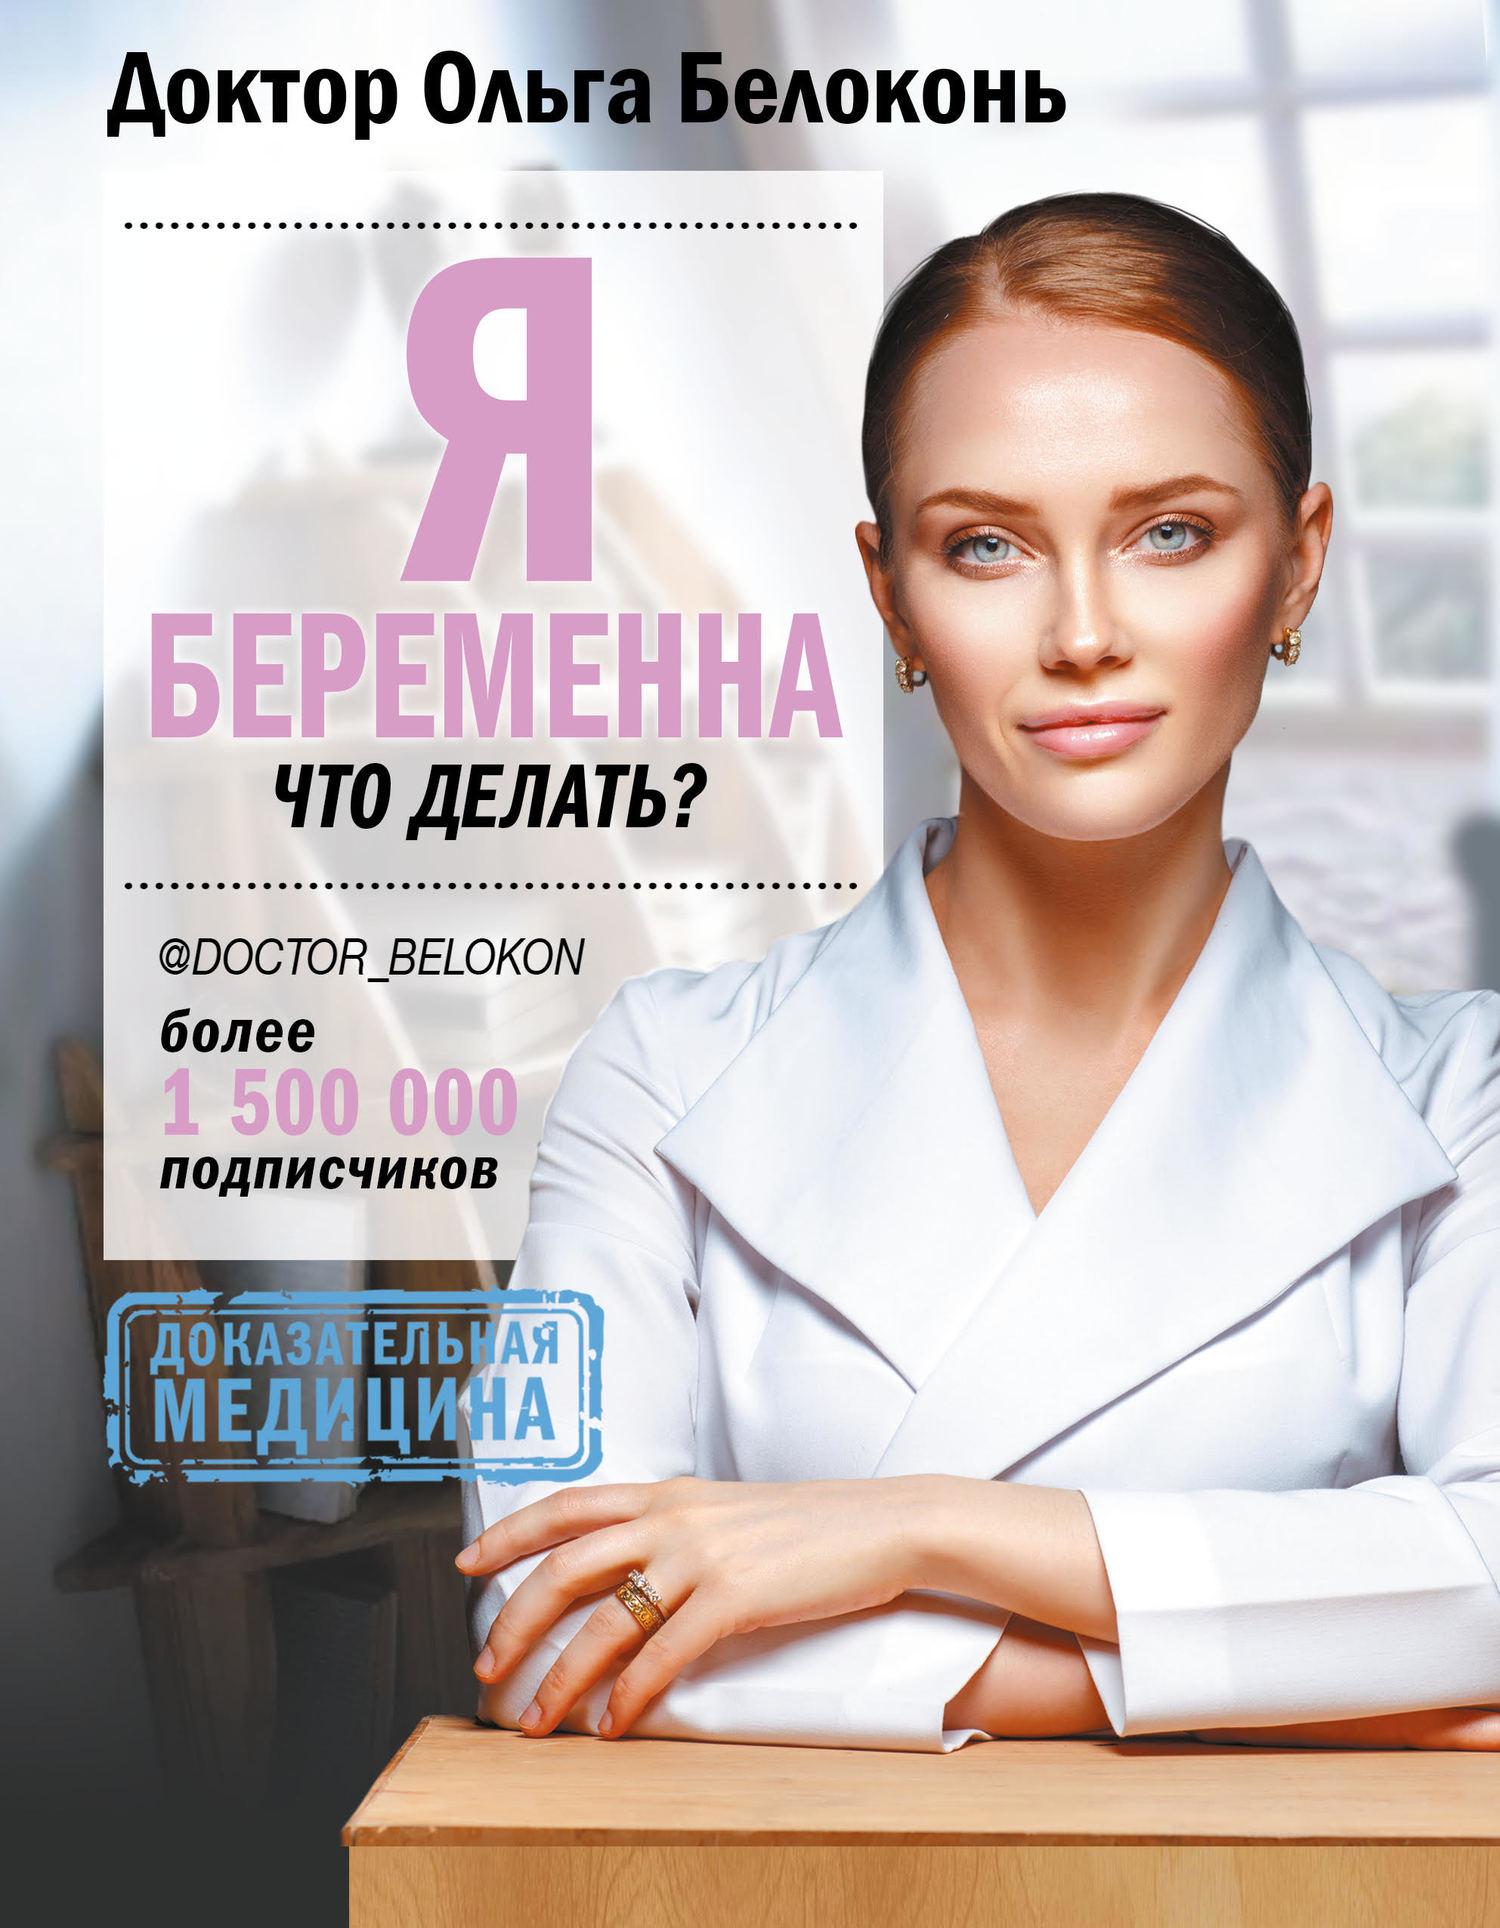 Секс в младшем возрасте doctor ru